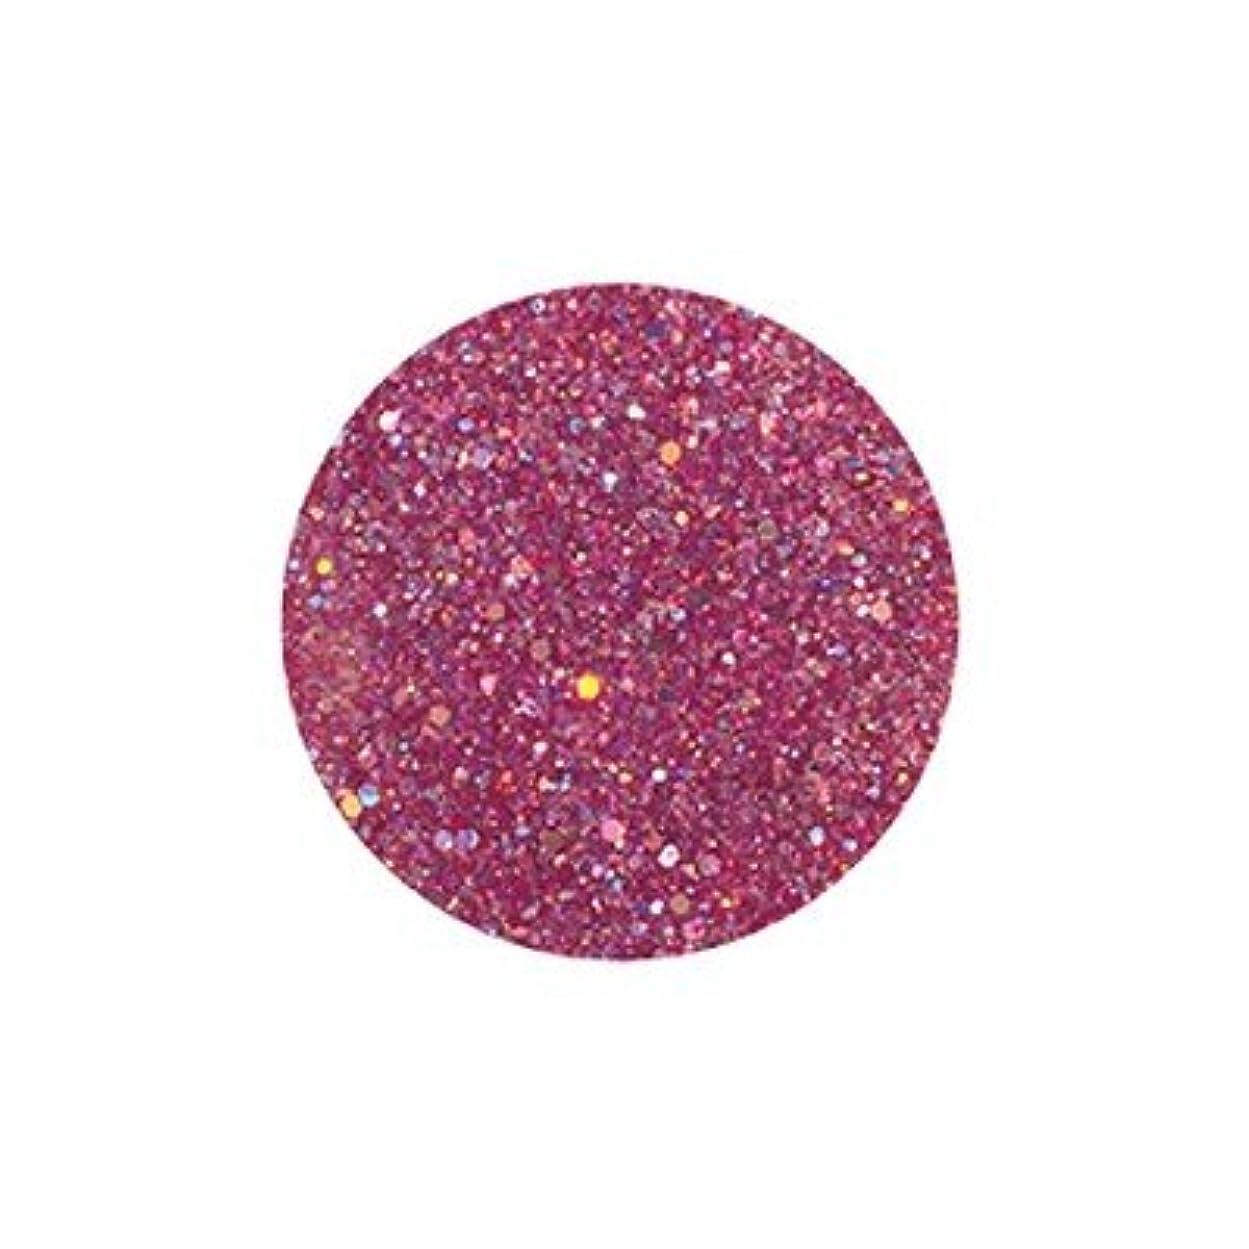 できる不平を言う不潔FANTASY NAIL ダイヤモンドコレクション 3g 4259XS カラーパウダー アート材